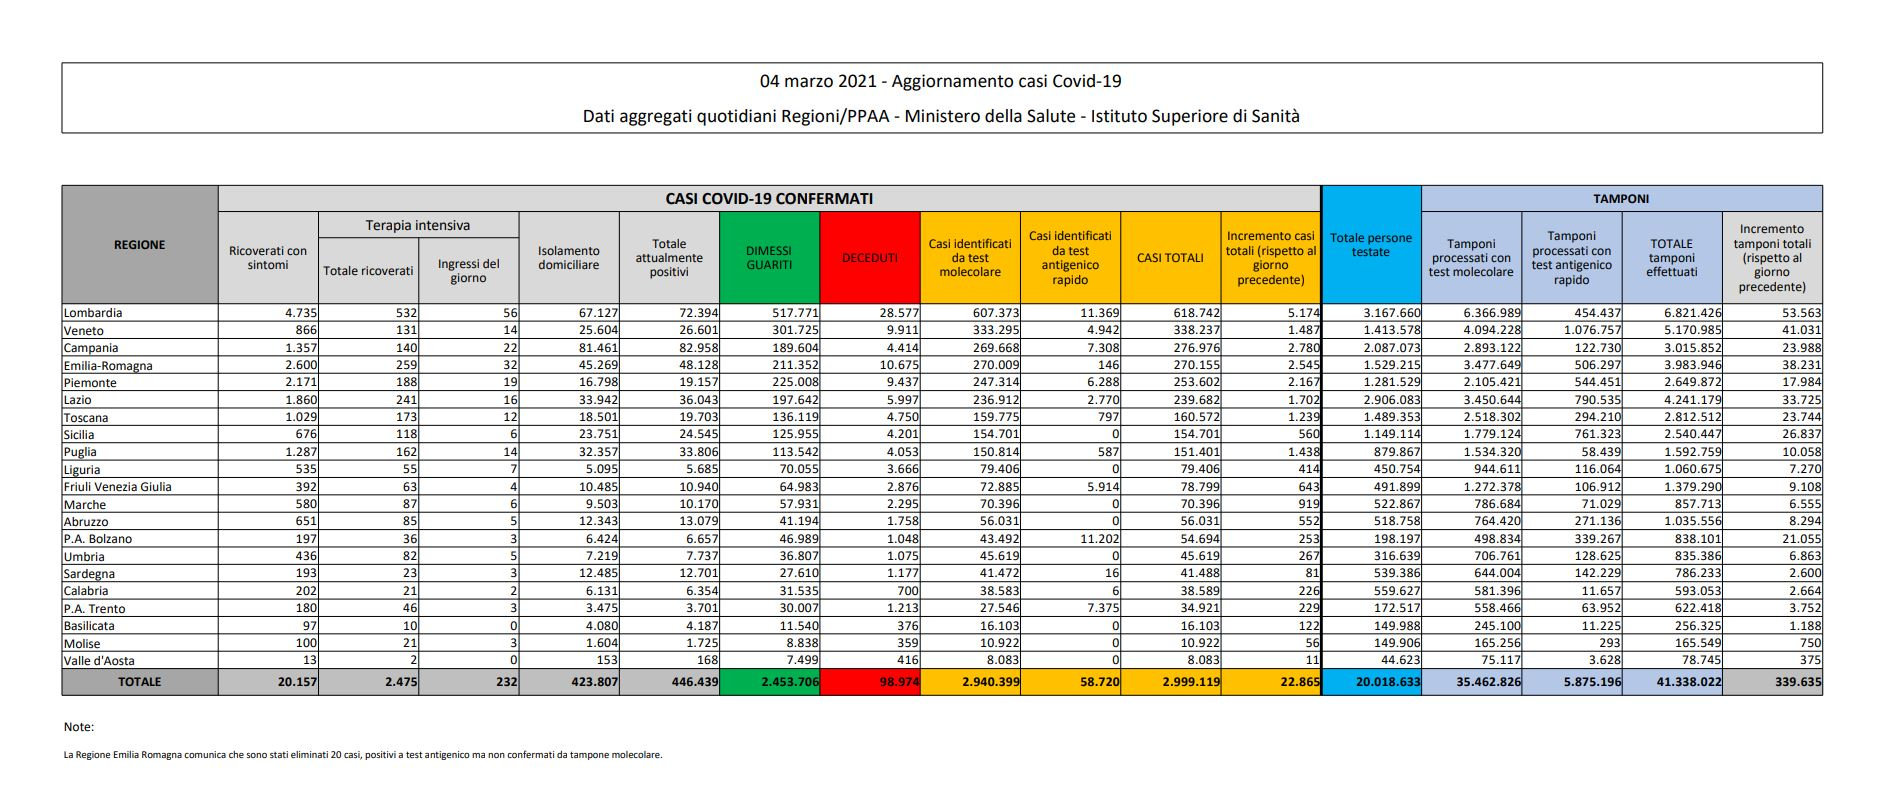 tabella bilancio 4 marzo